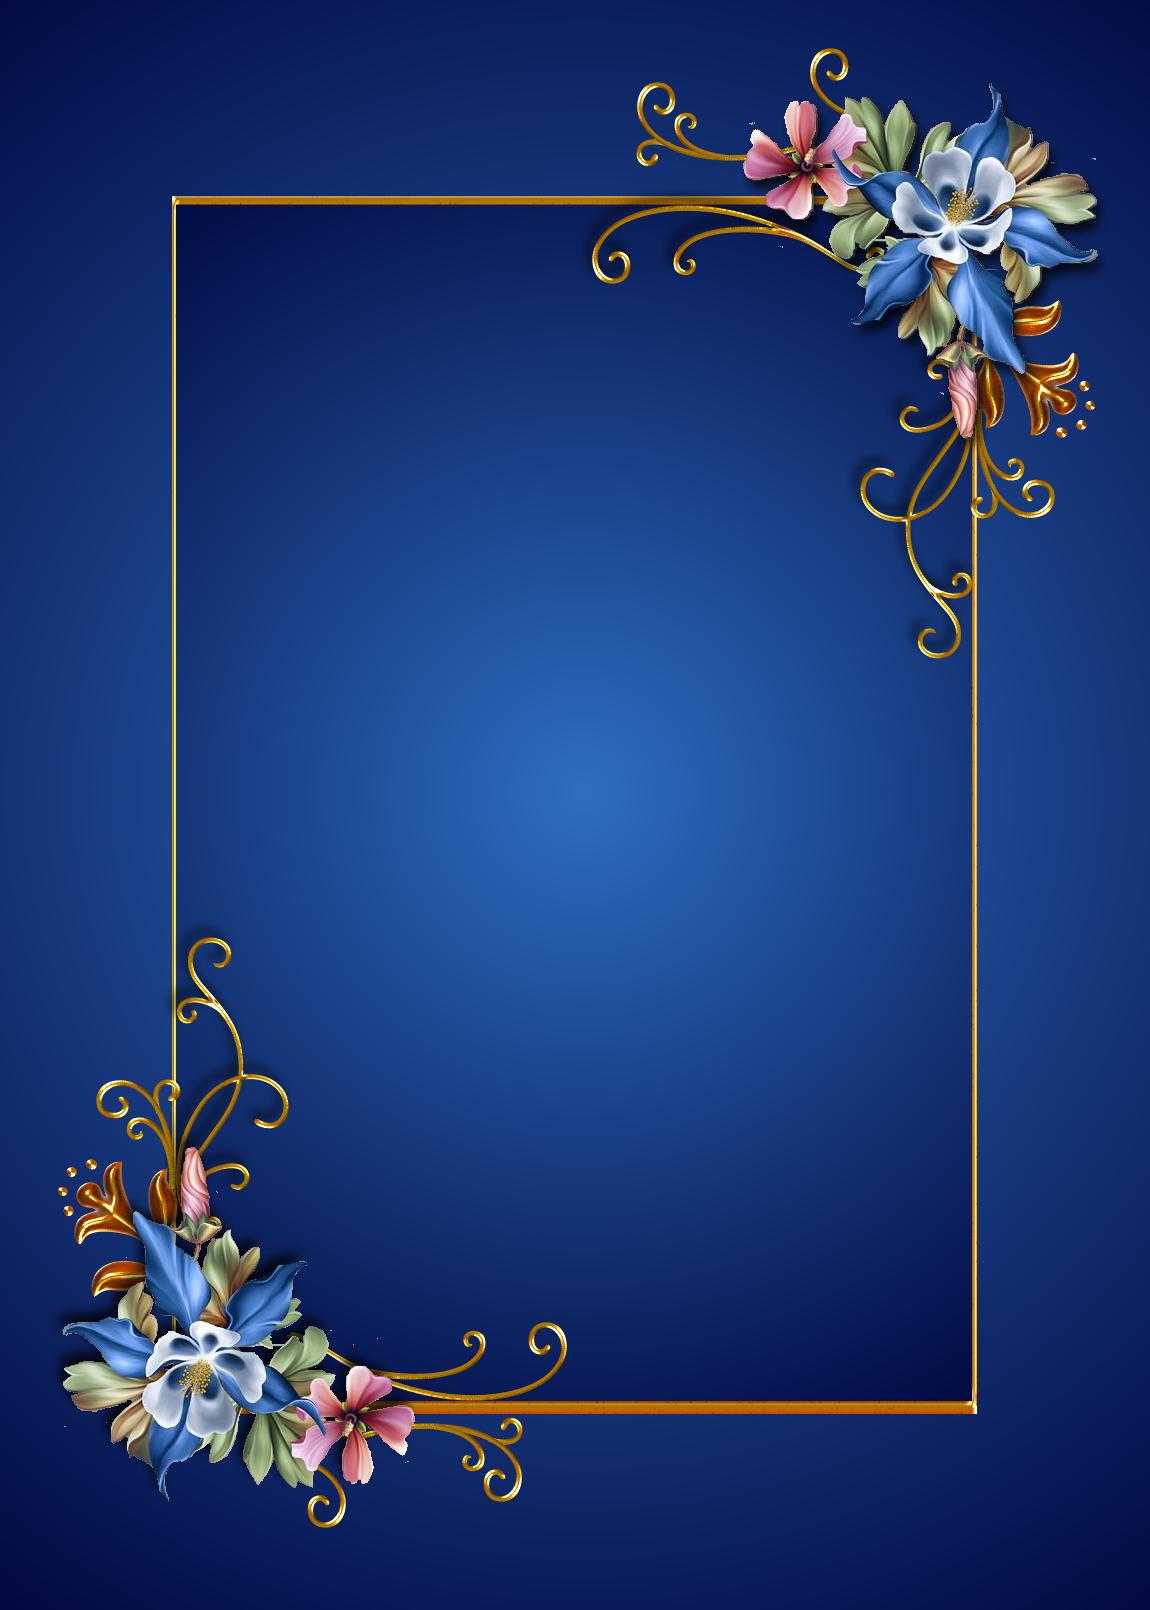 Blue Floral On Blue